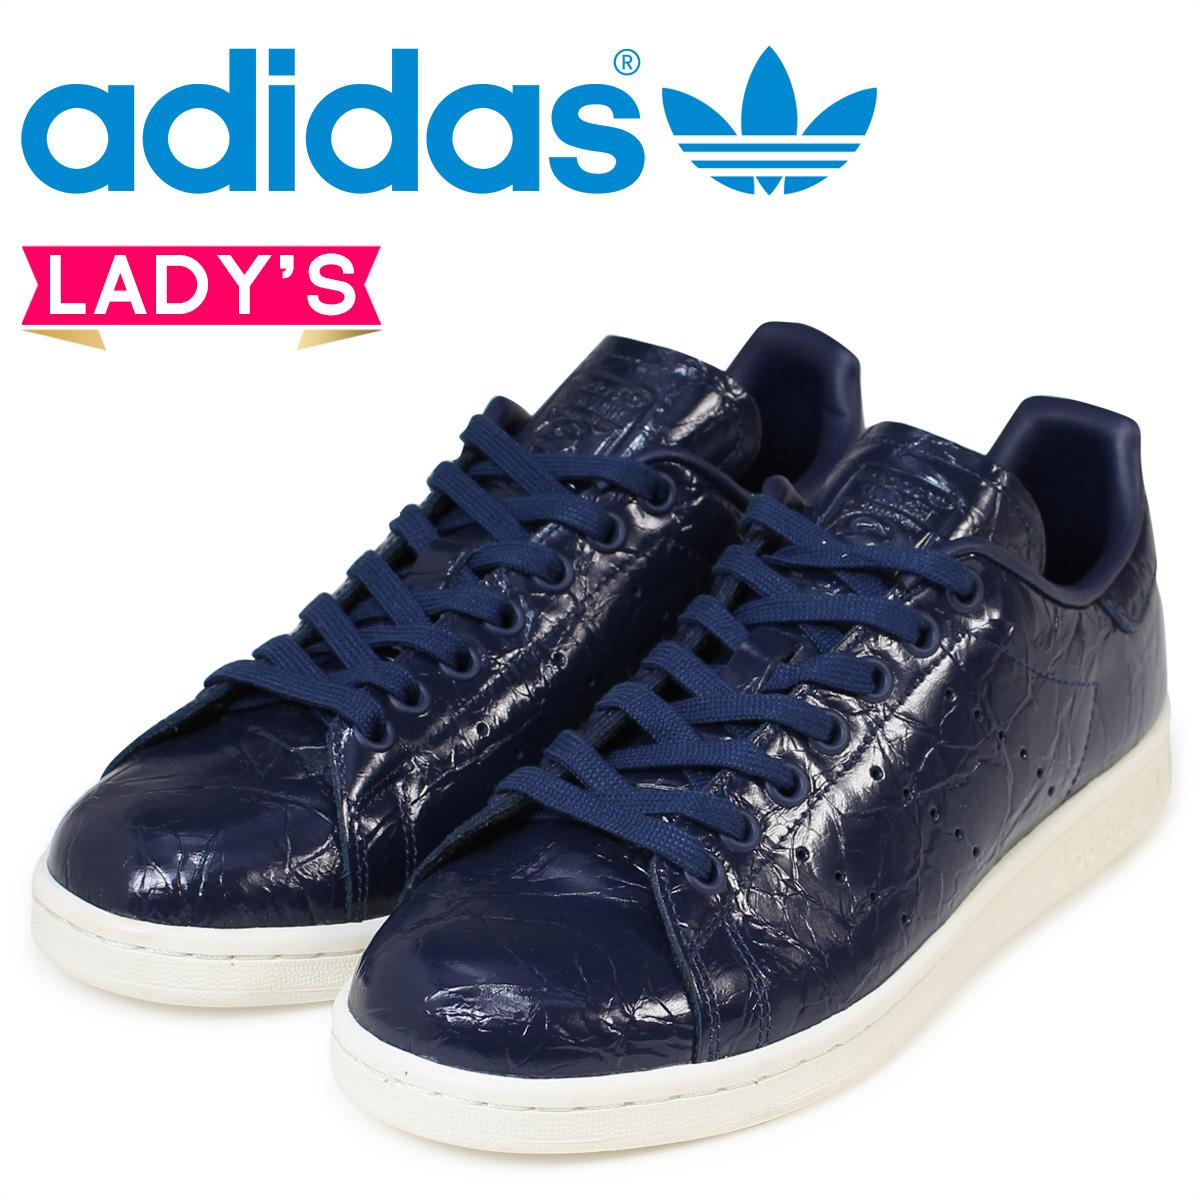 sgattaiolare negozio online rakuten mercato globale: adidas stan smith '